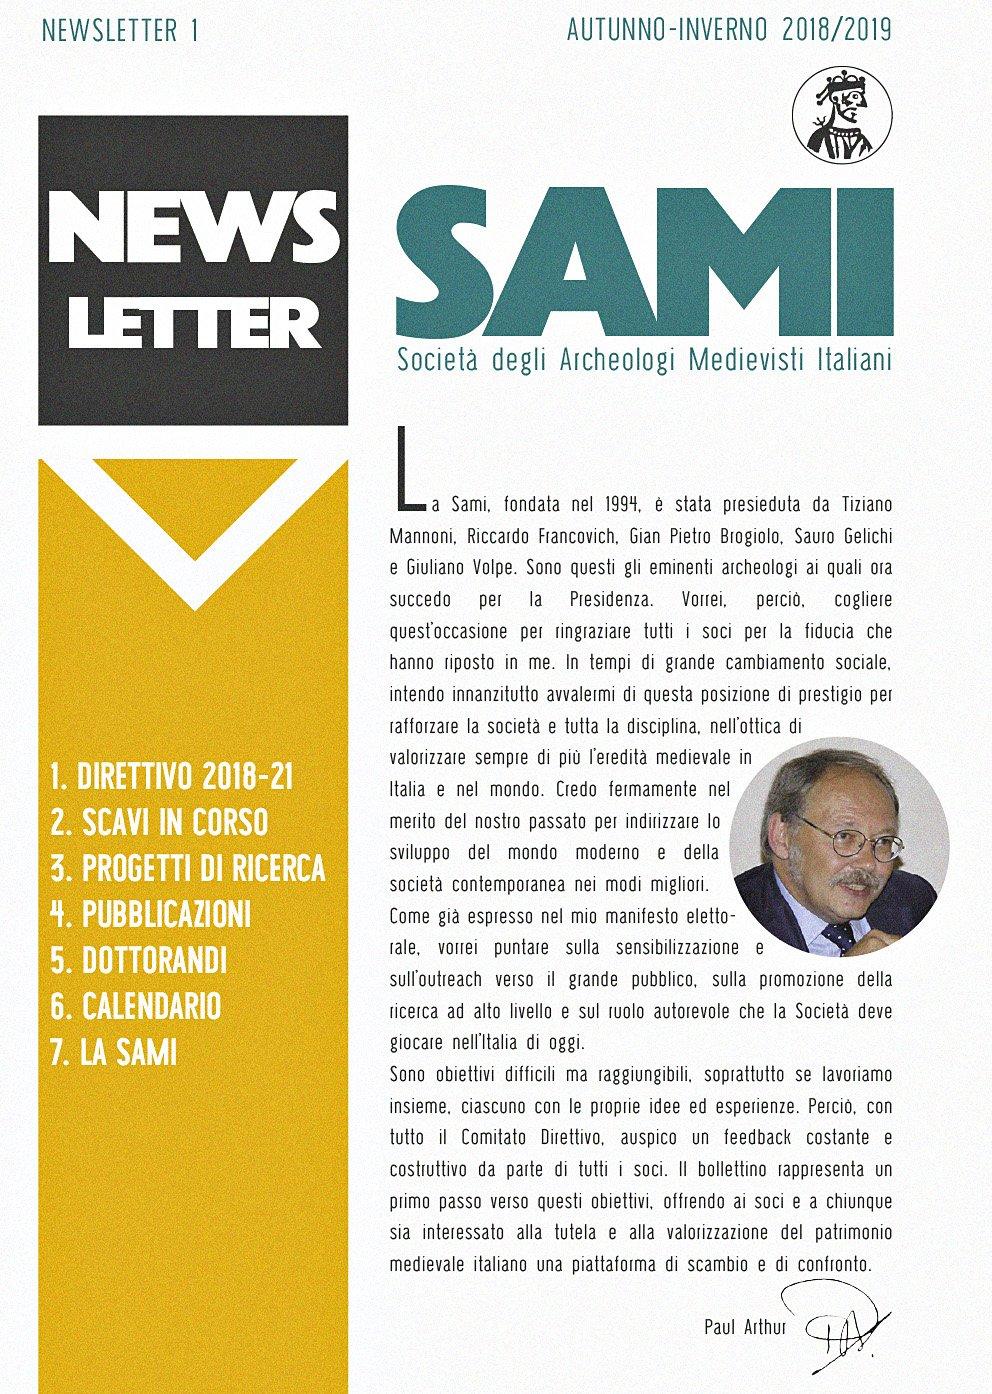 SAMI, newsletter 1, ottobre 2018.